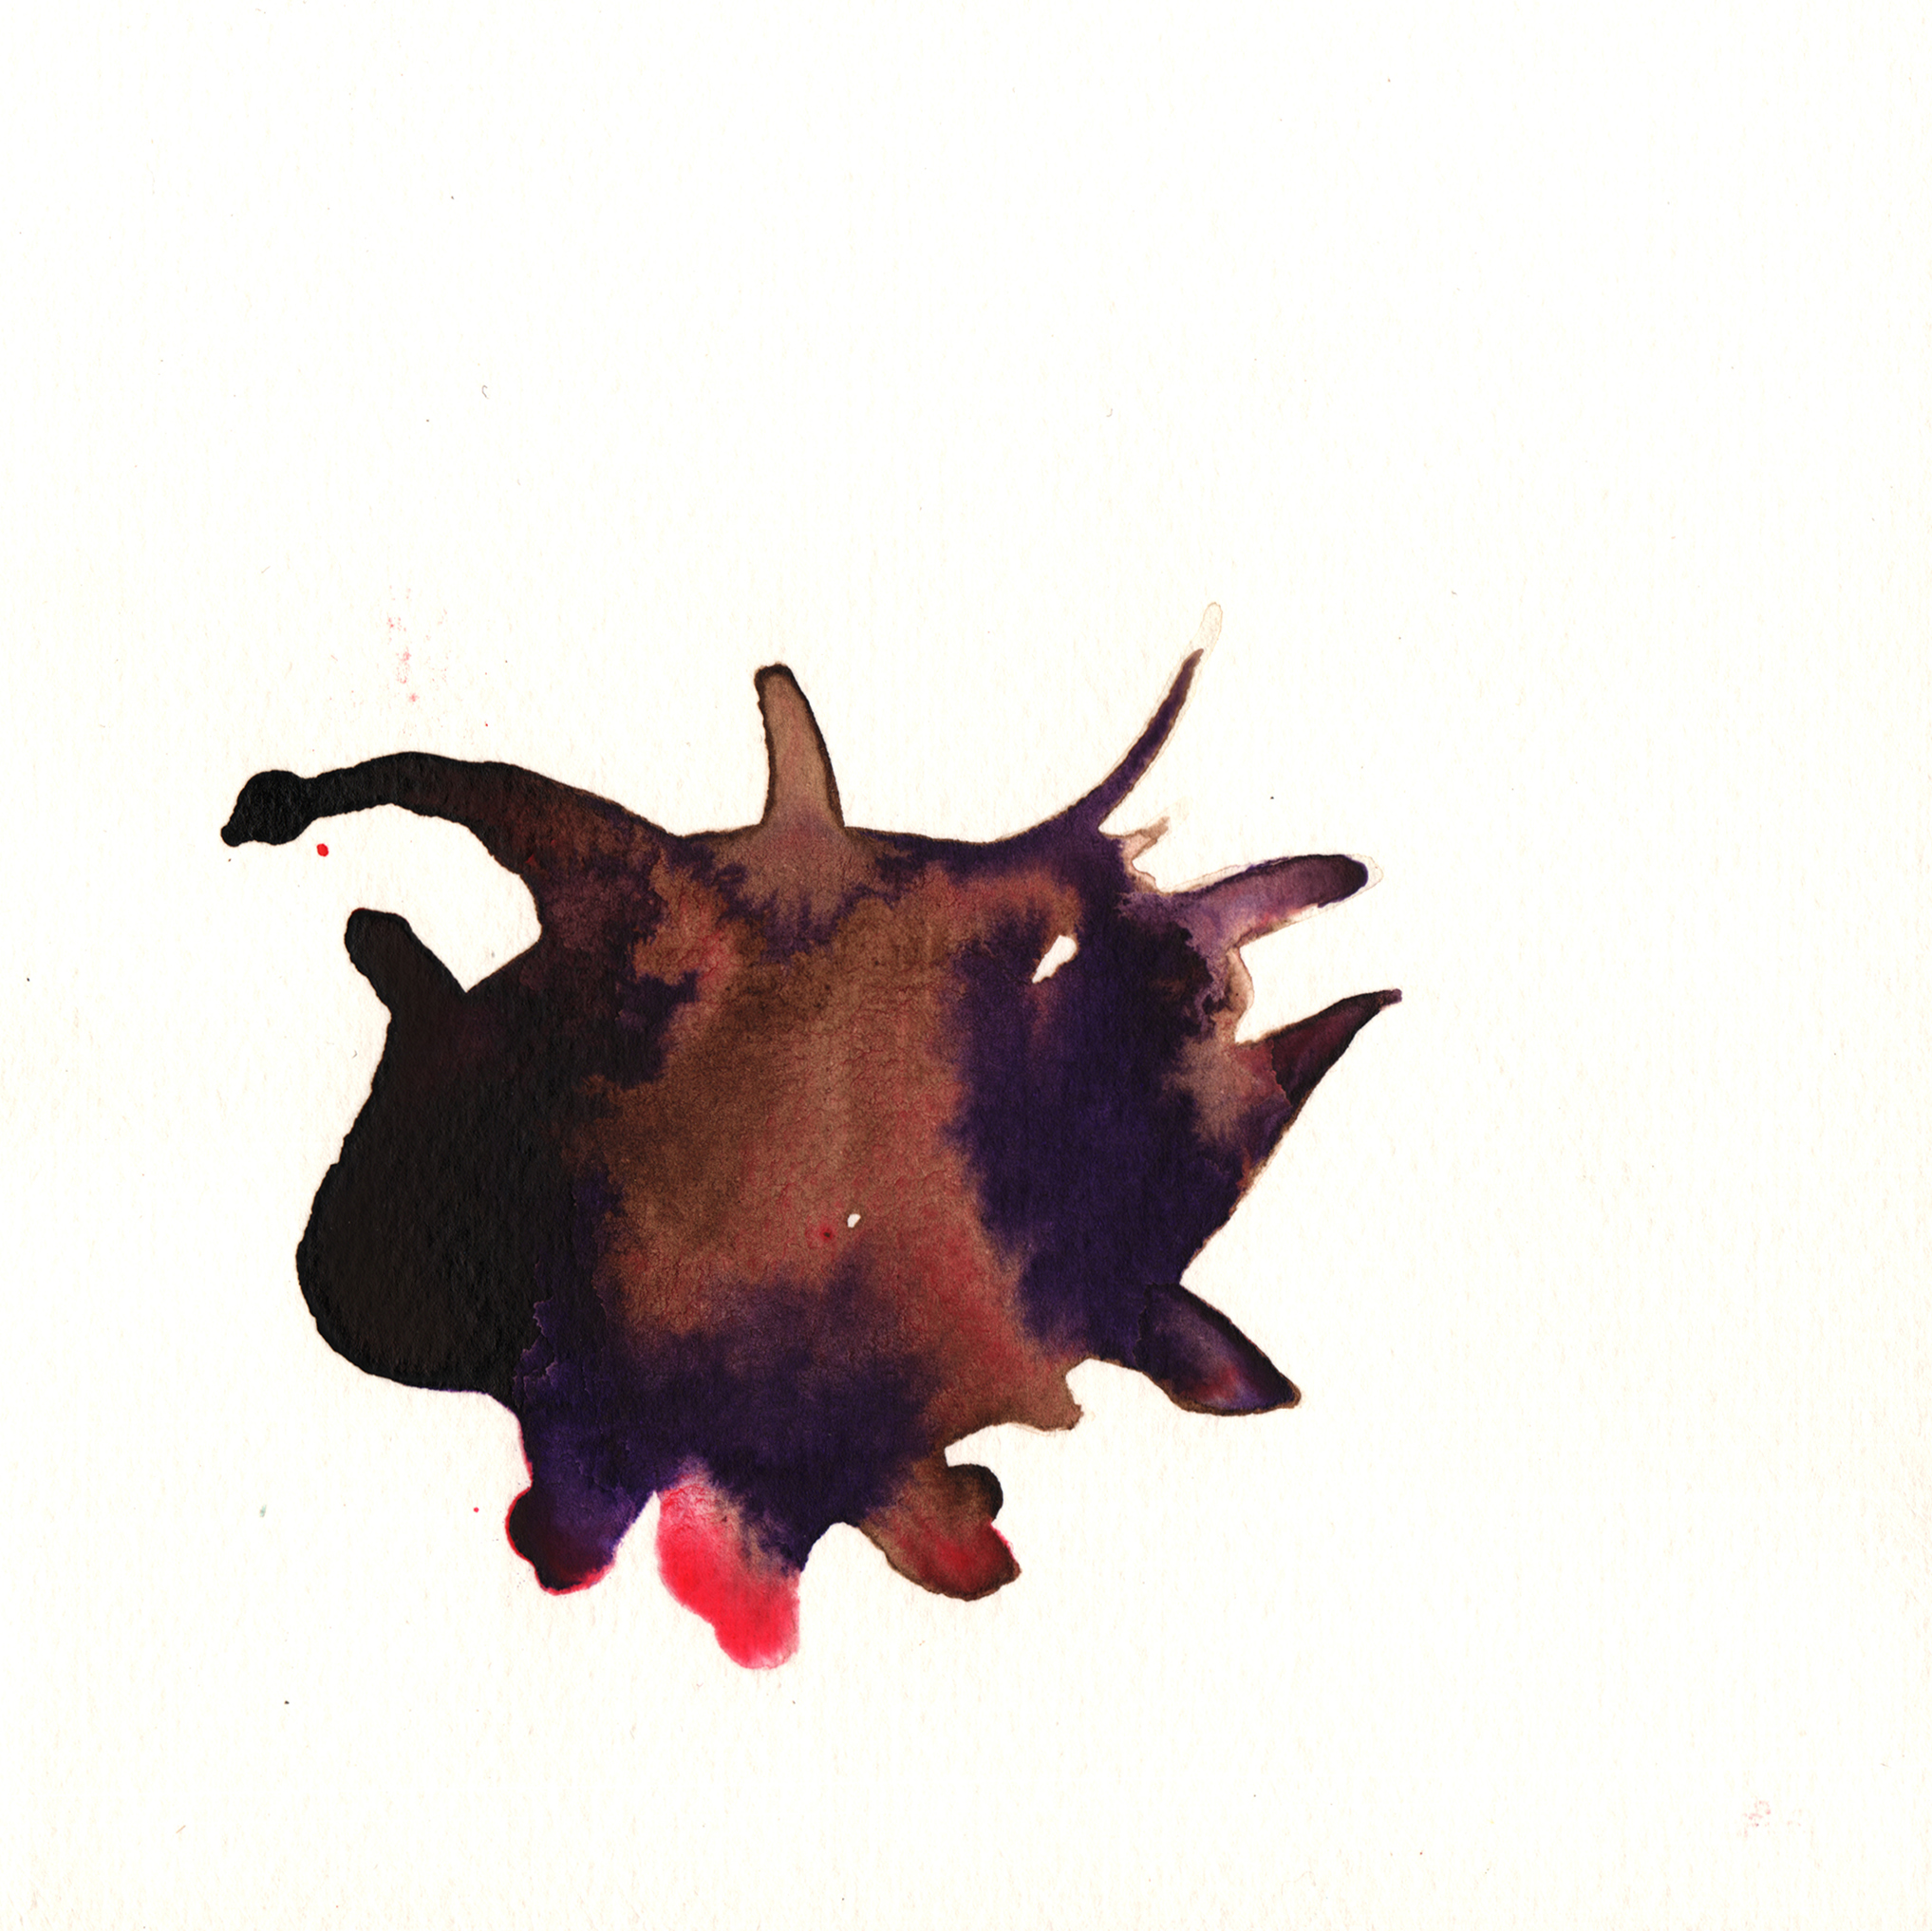 237.Opuntia.10.3.14.jpg